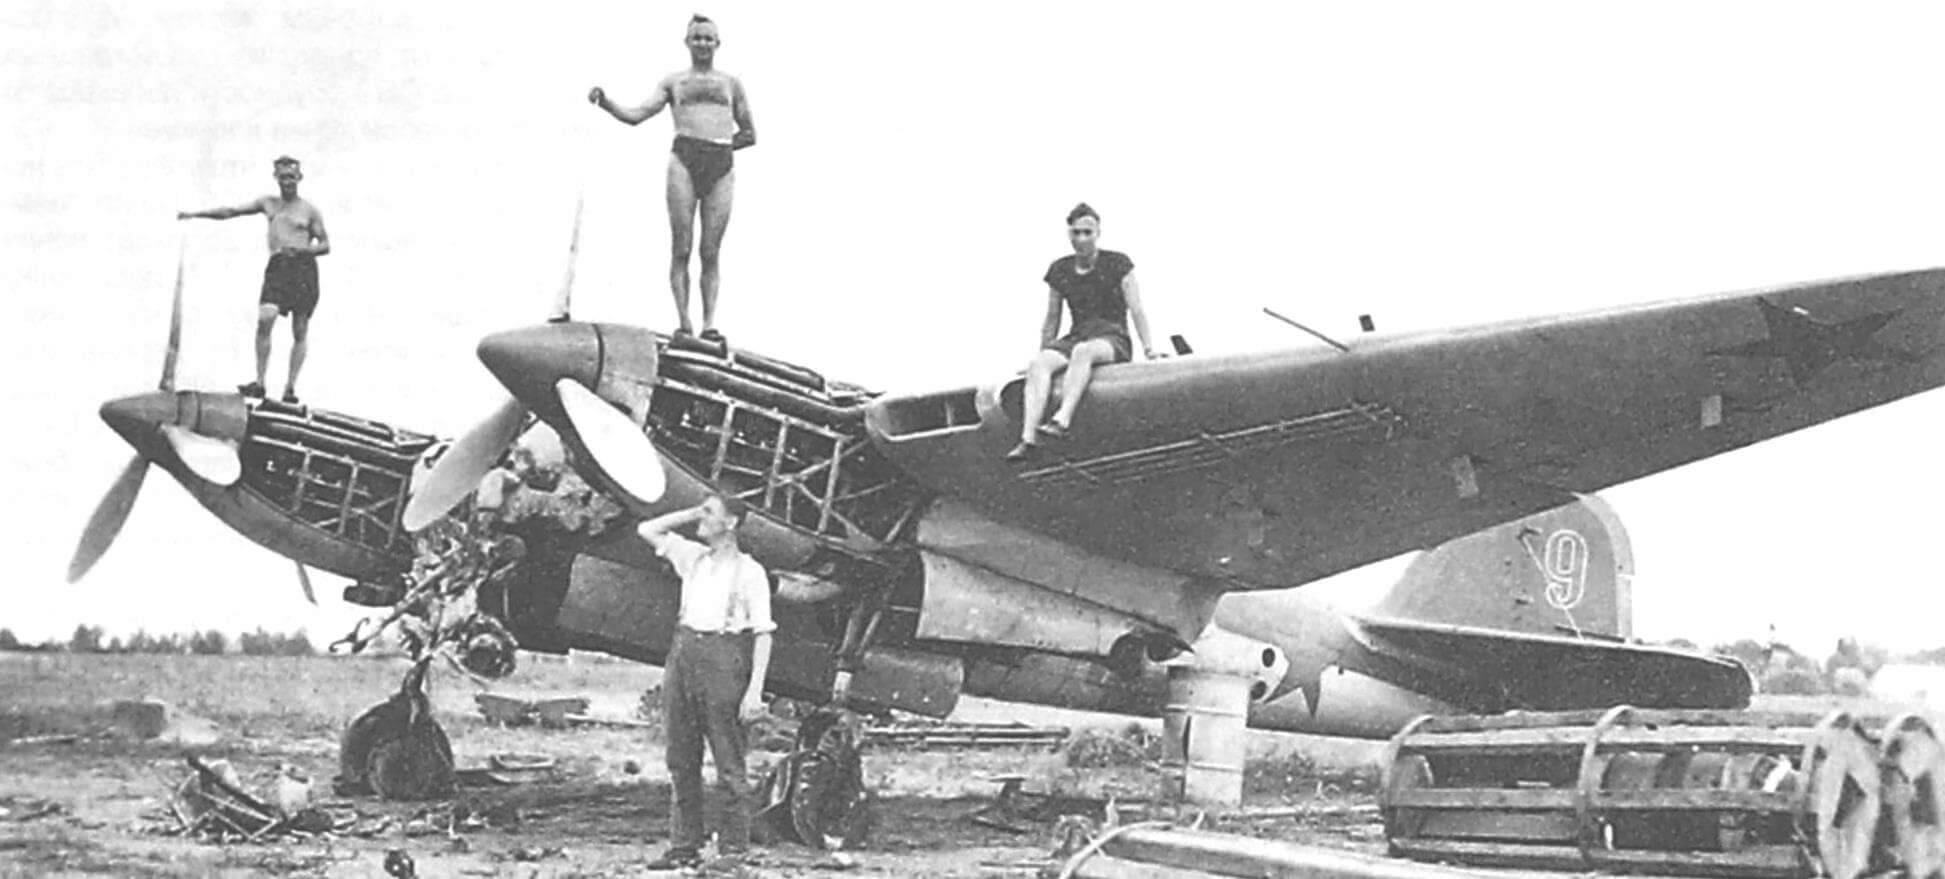 Немецкие солдаты фотографируются у захваченного неисправного Ар-2, 1941 г.